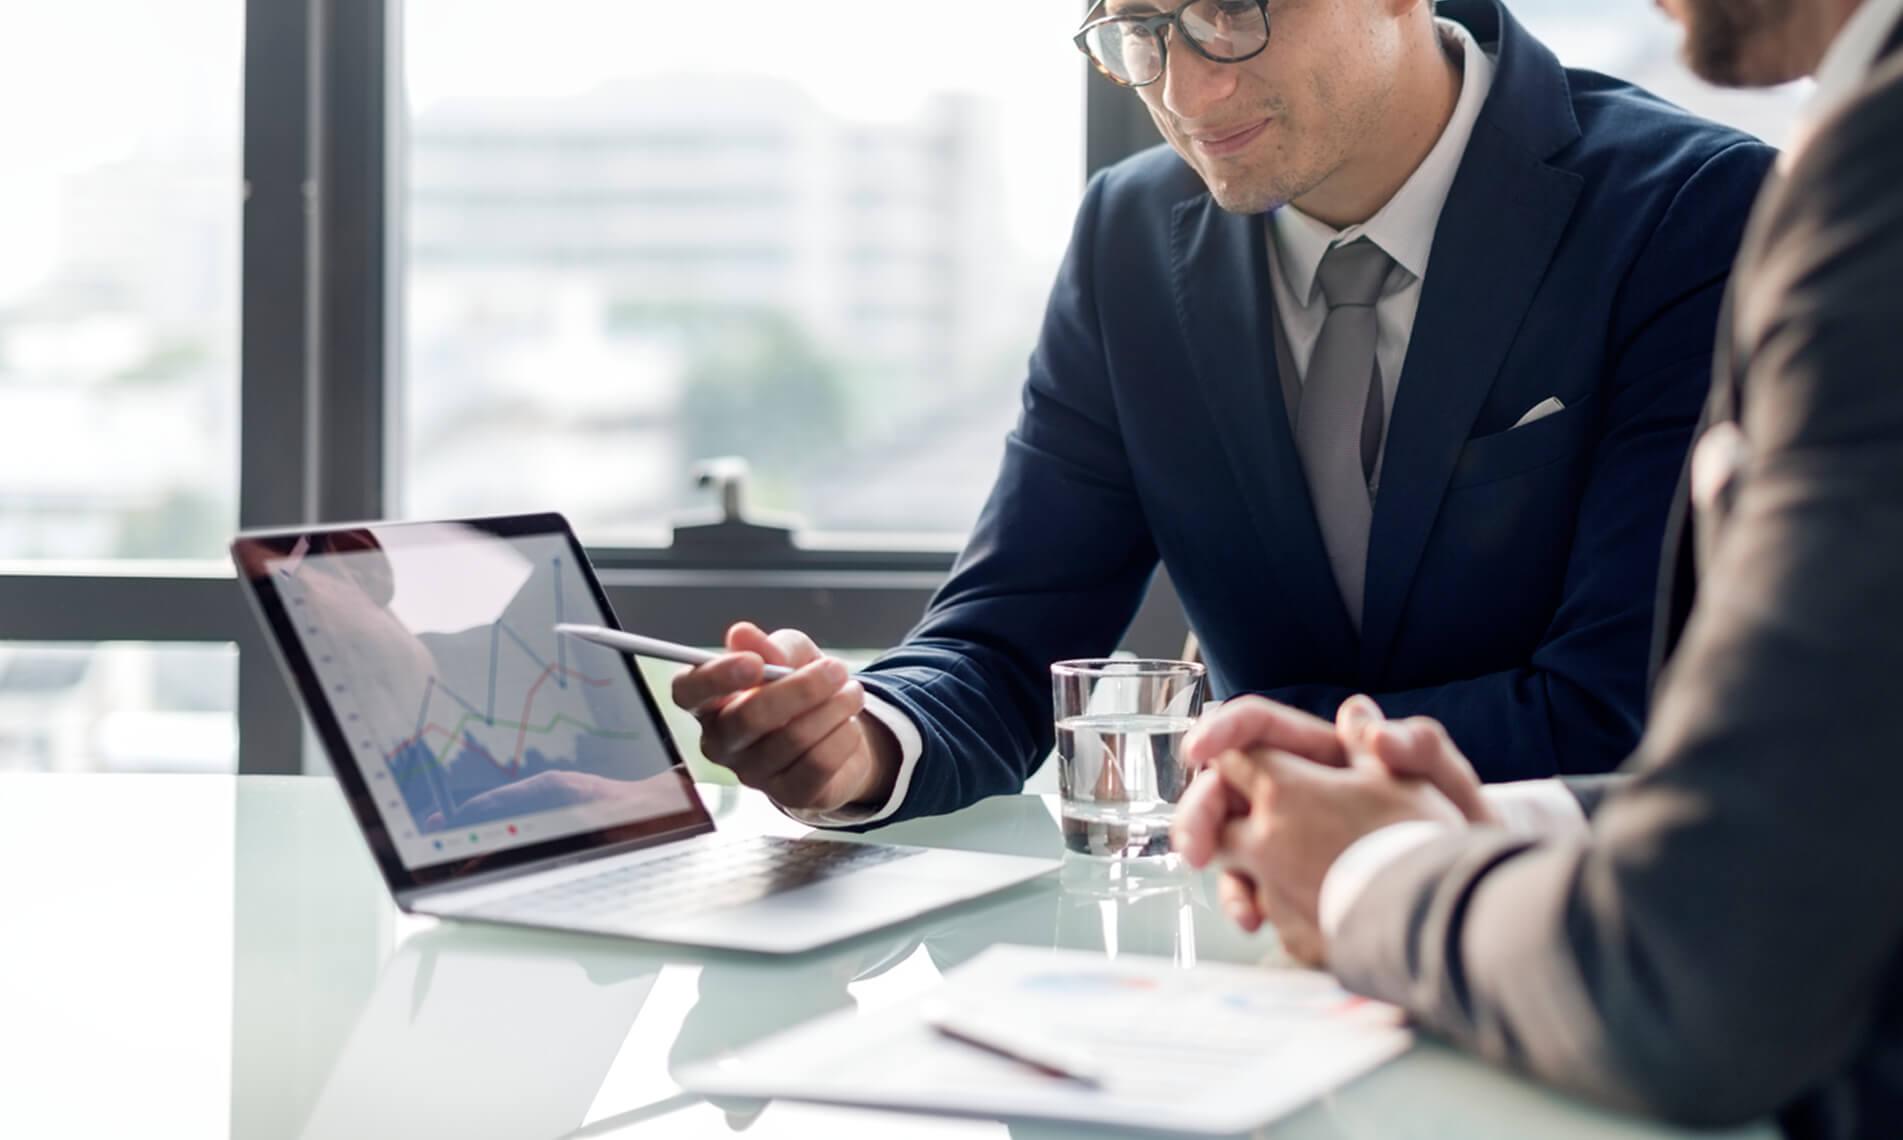 Sales Plus ile Doğru Ürün ve Stok Yönetiminin Satış Performansına Katkısı